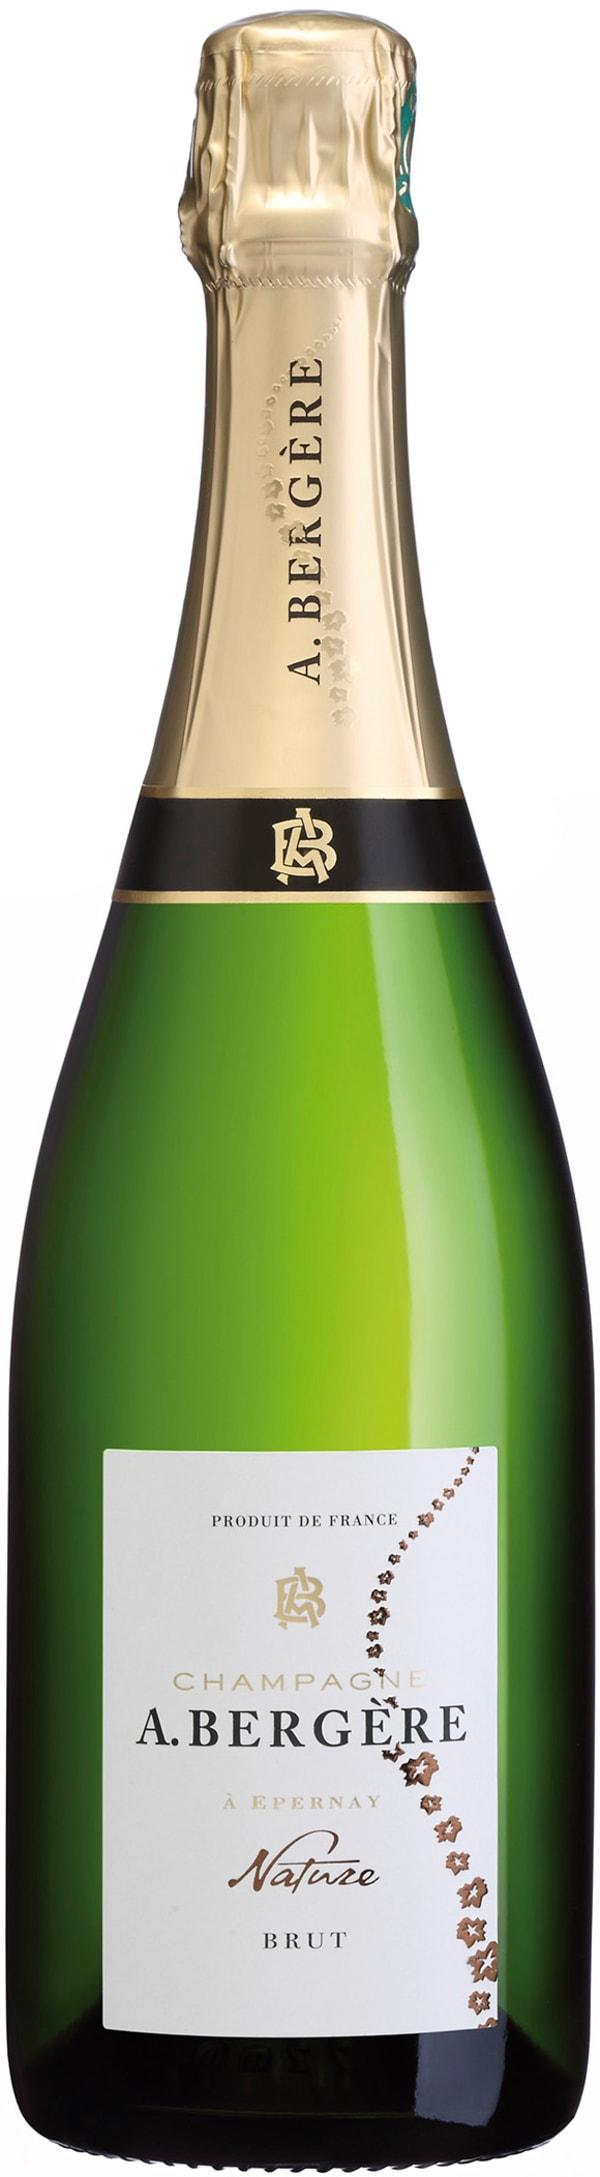 A. Bergere Champagne Brut Nature